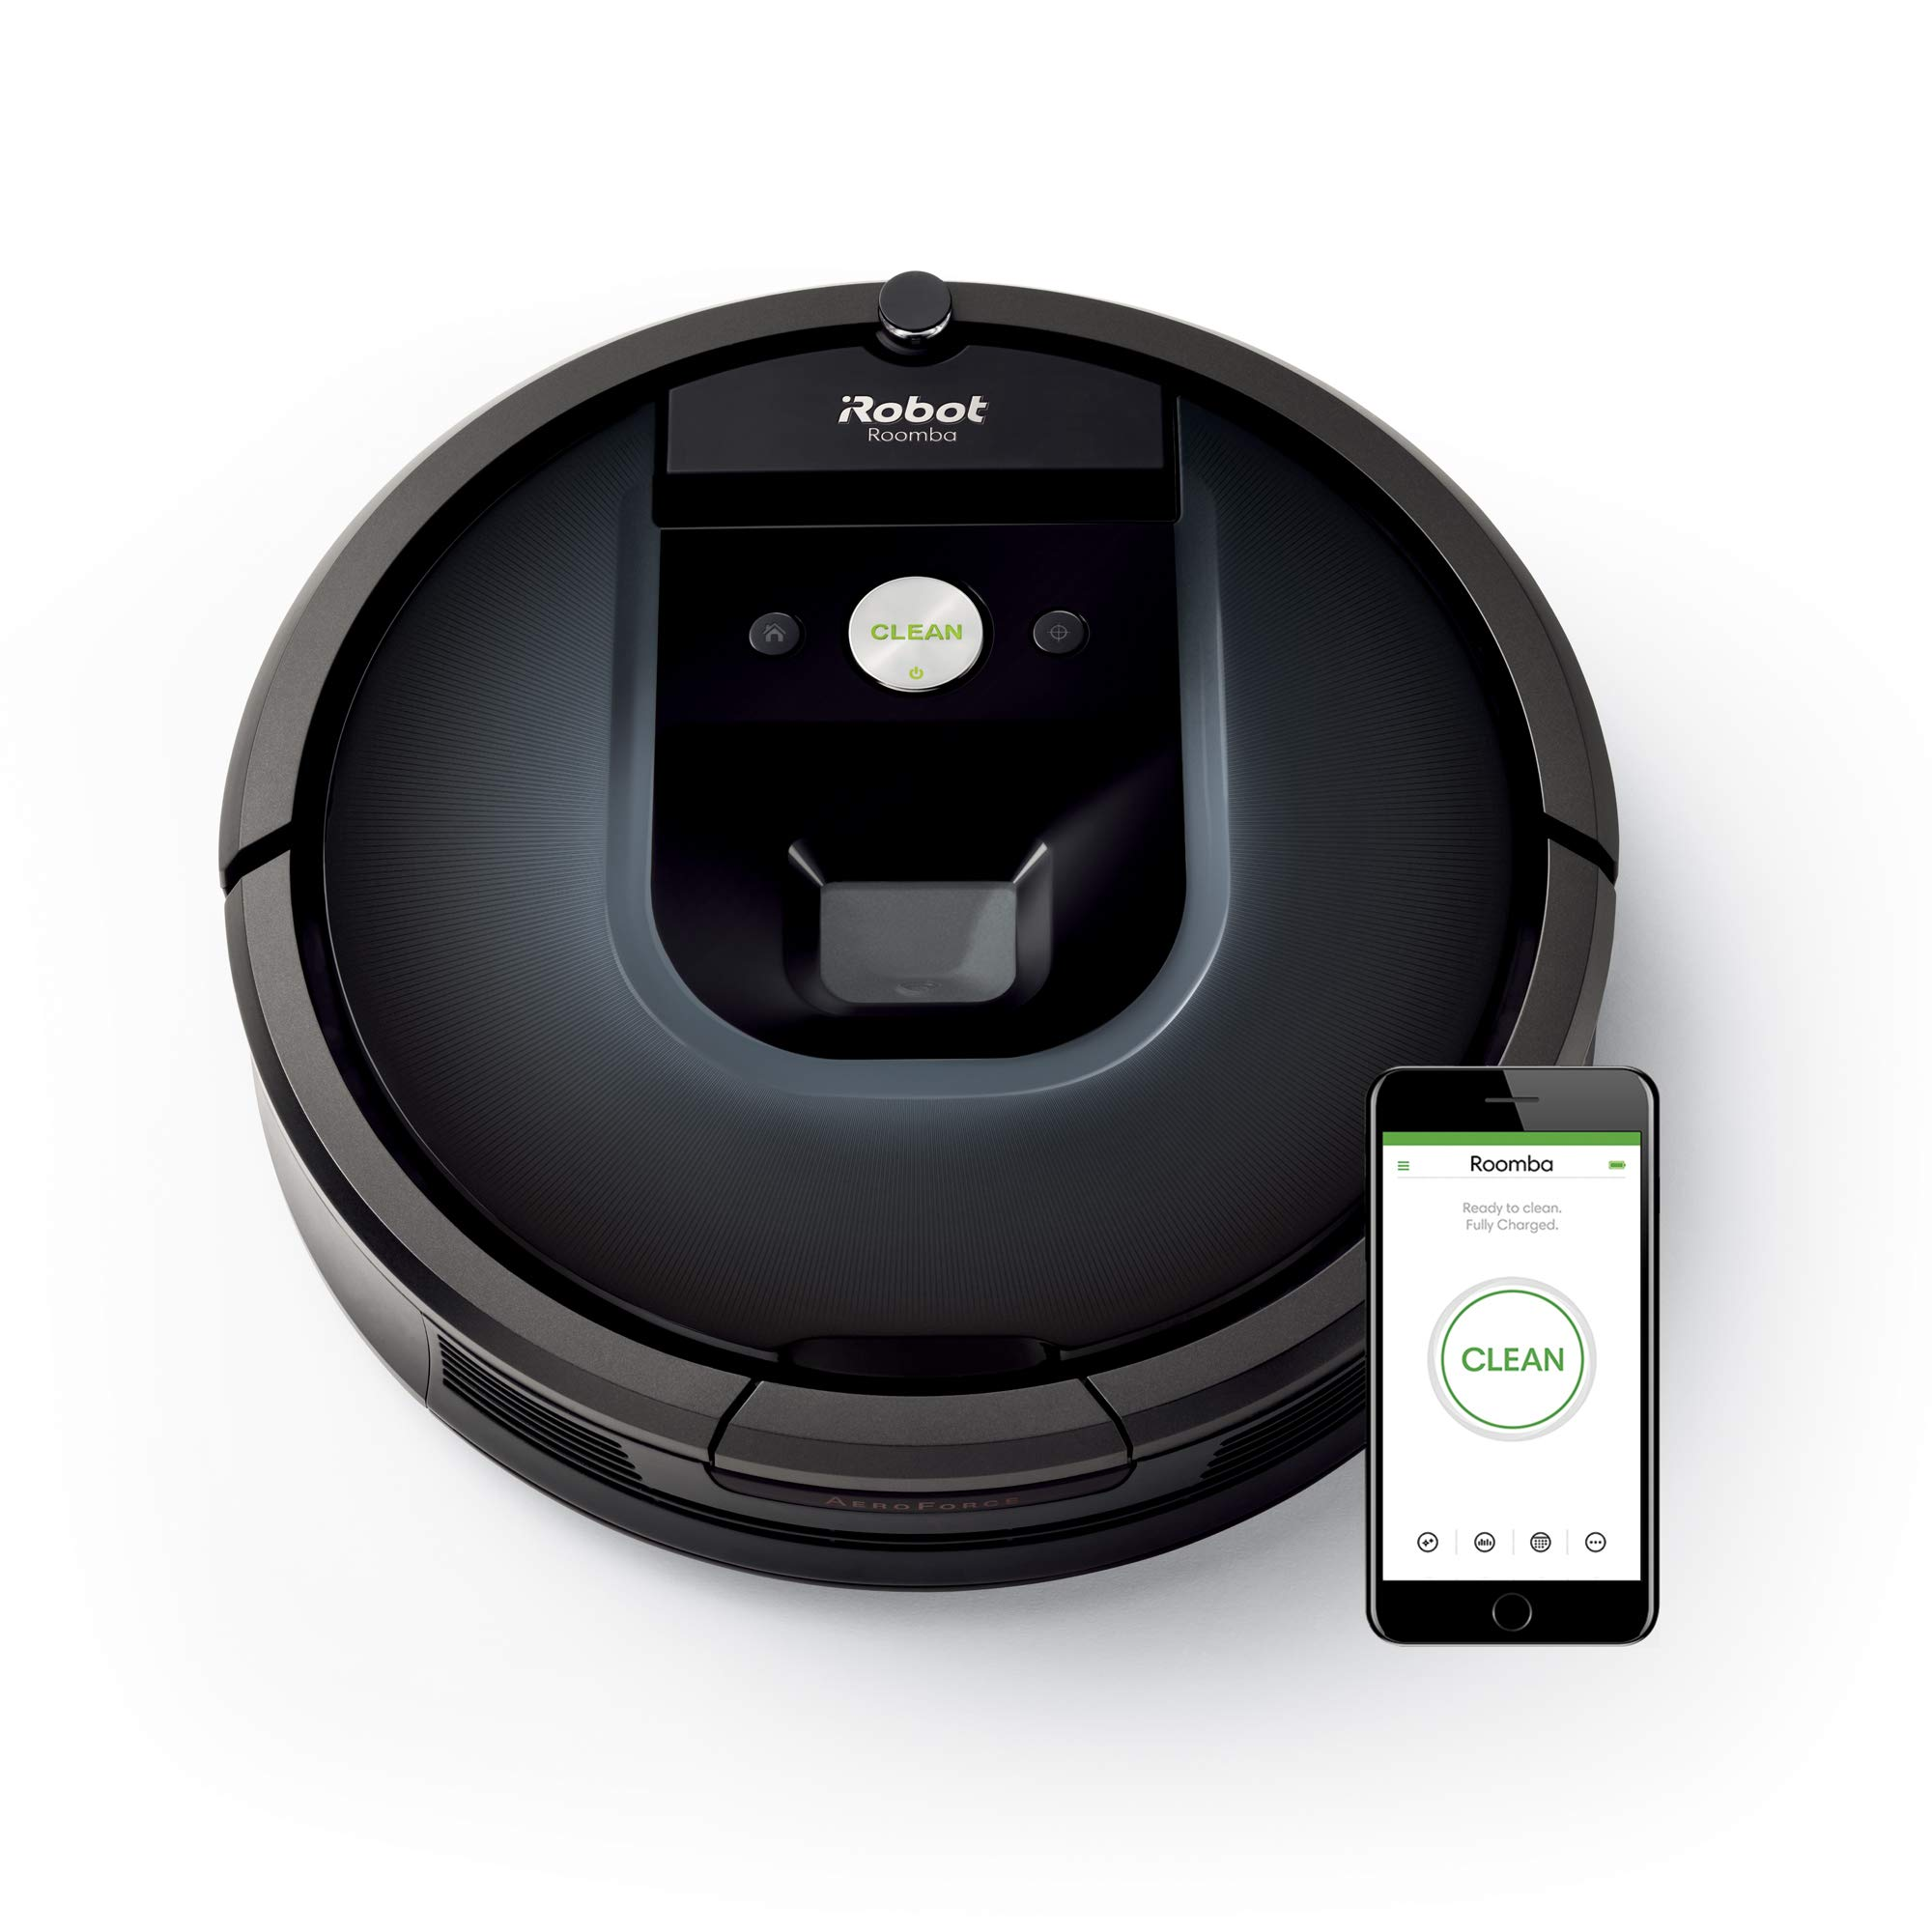 iRobot Roomba 981 Robot Aspirapolvere, Sistema di Pulizia ad alte Prestazioni, Dirt Detect, Spazzole Tangle-Free, Adatto a Pavimenti e Tappeti, per i Peli degli Animali Domestici, Wi-Fi, Blu Notte product image